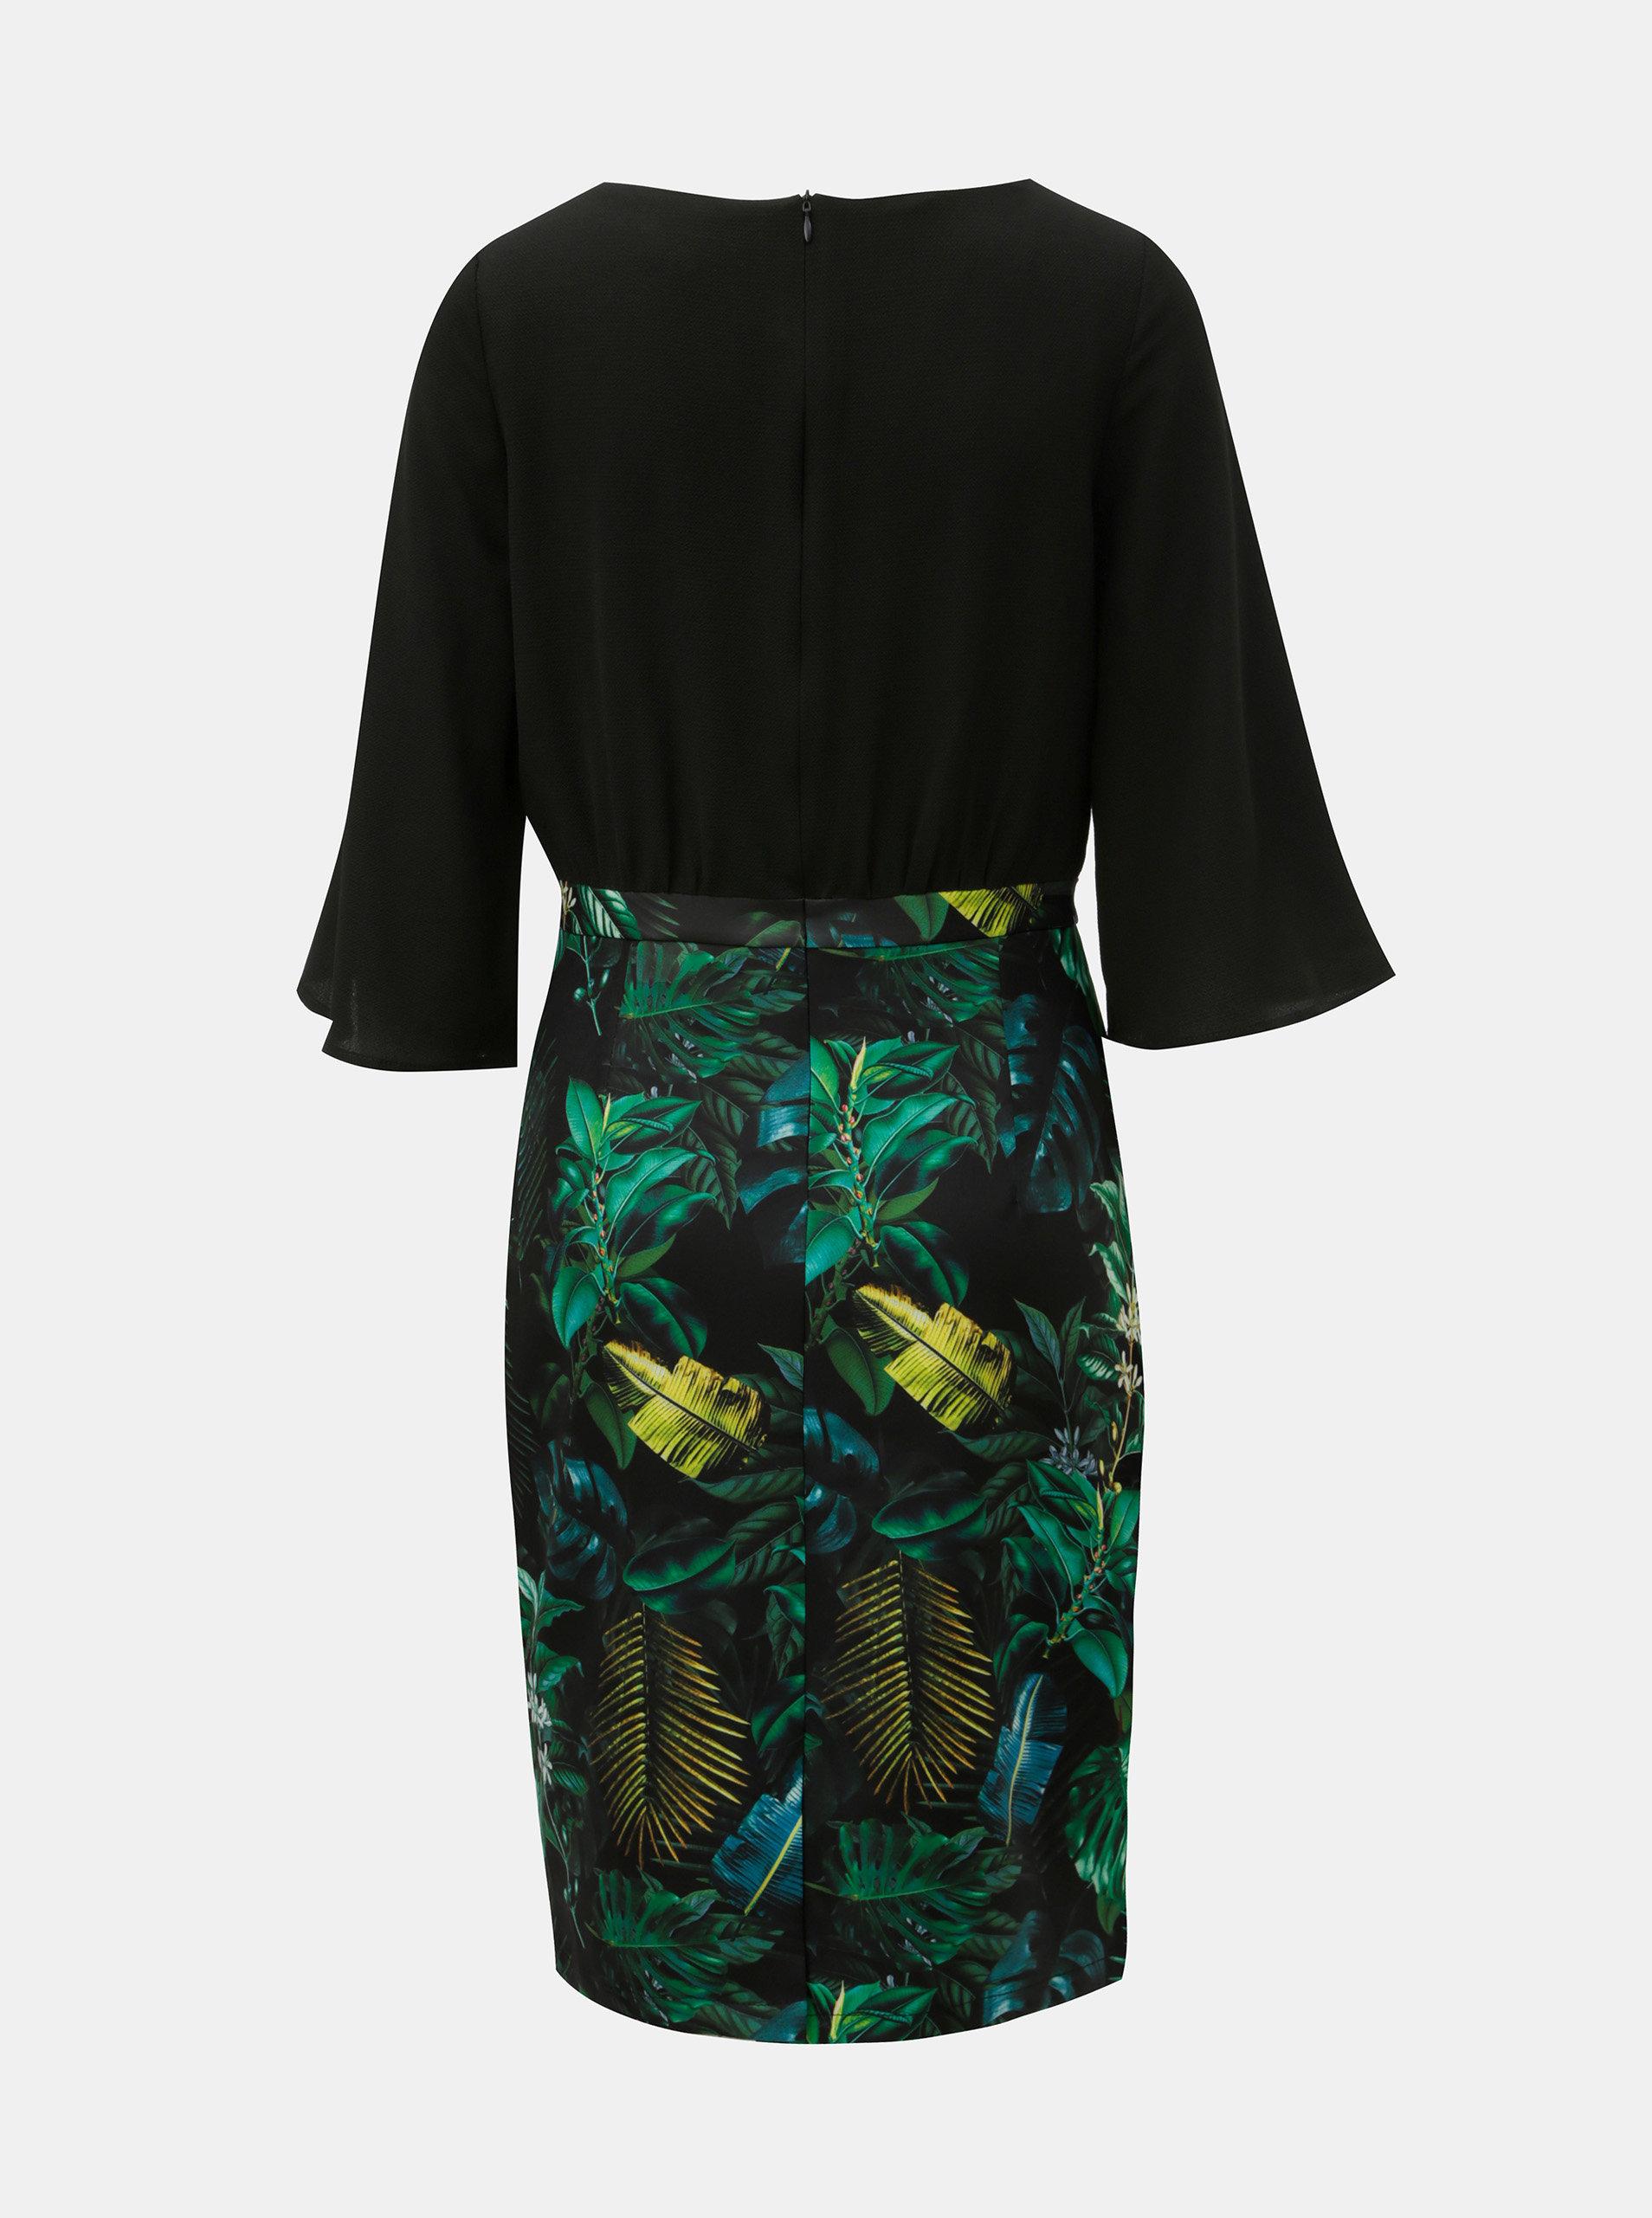 Zeleno-černé pouzdrové šaty s motivem listů Smashed Lemon ... 85160db996